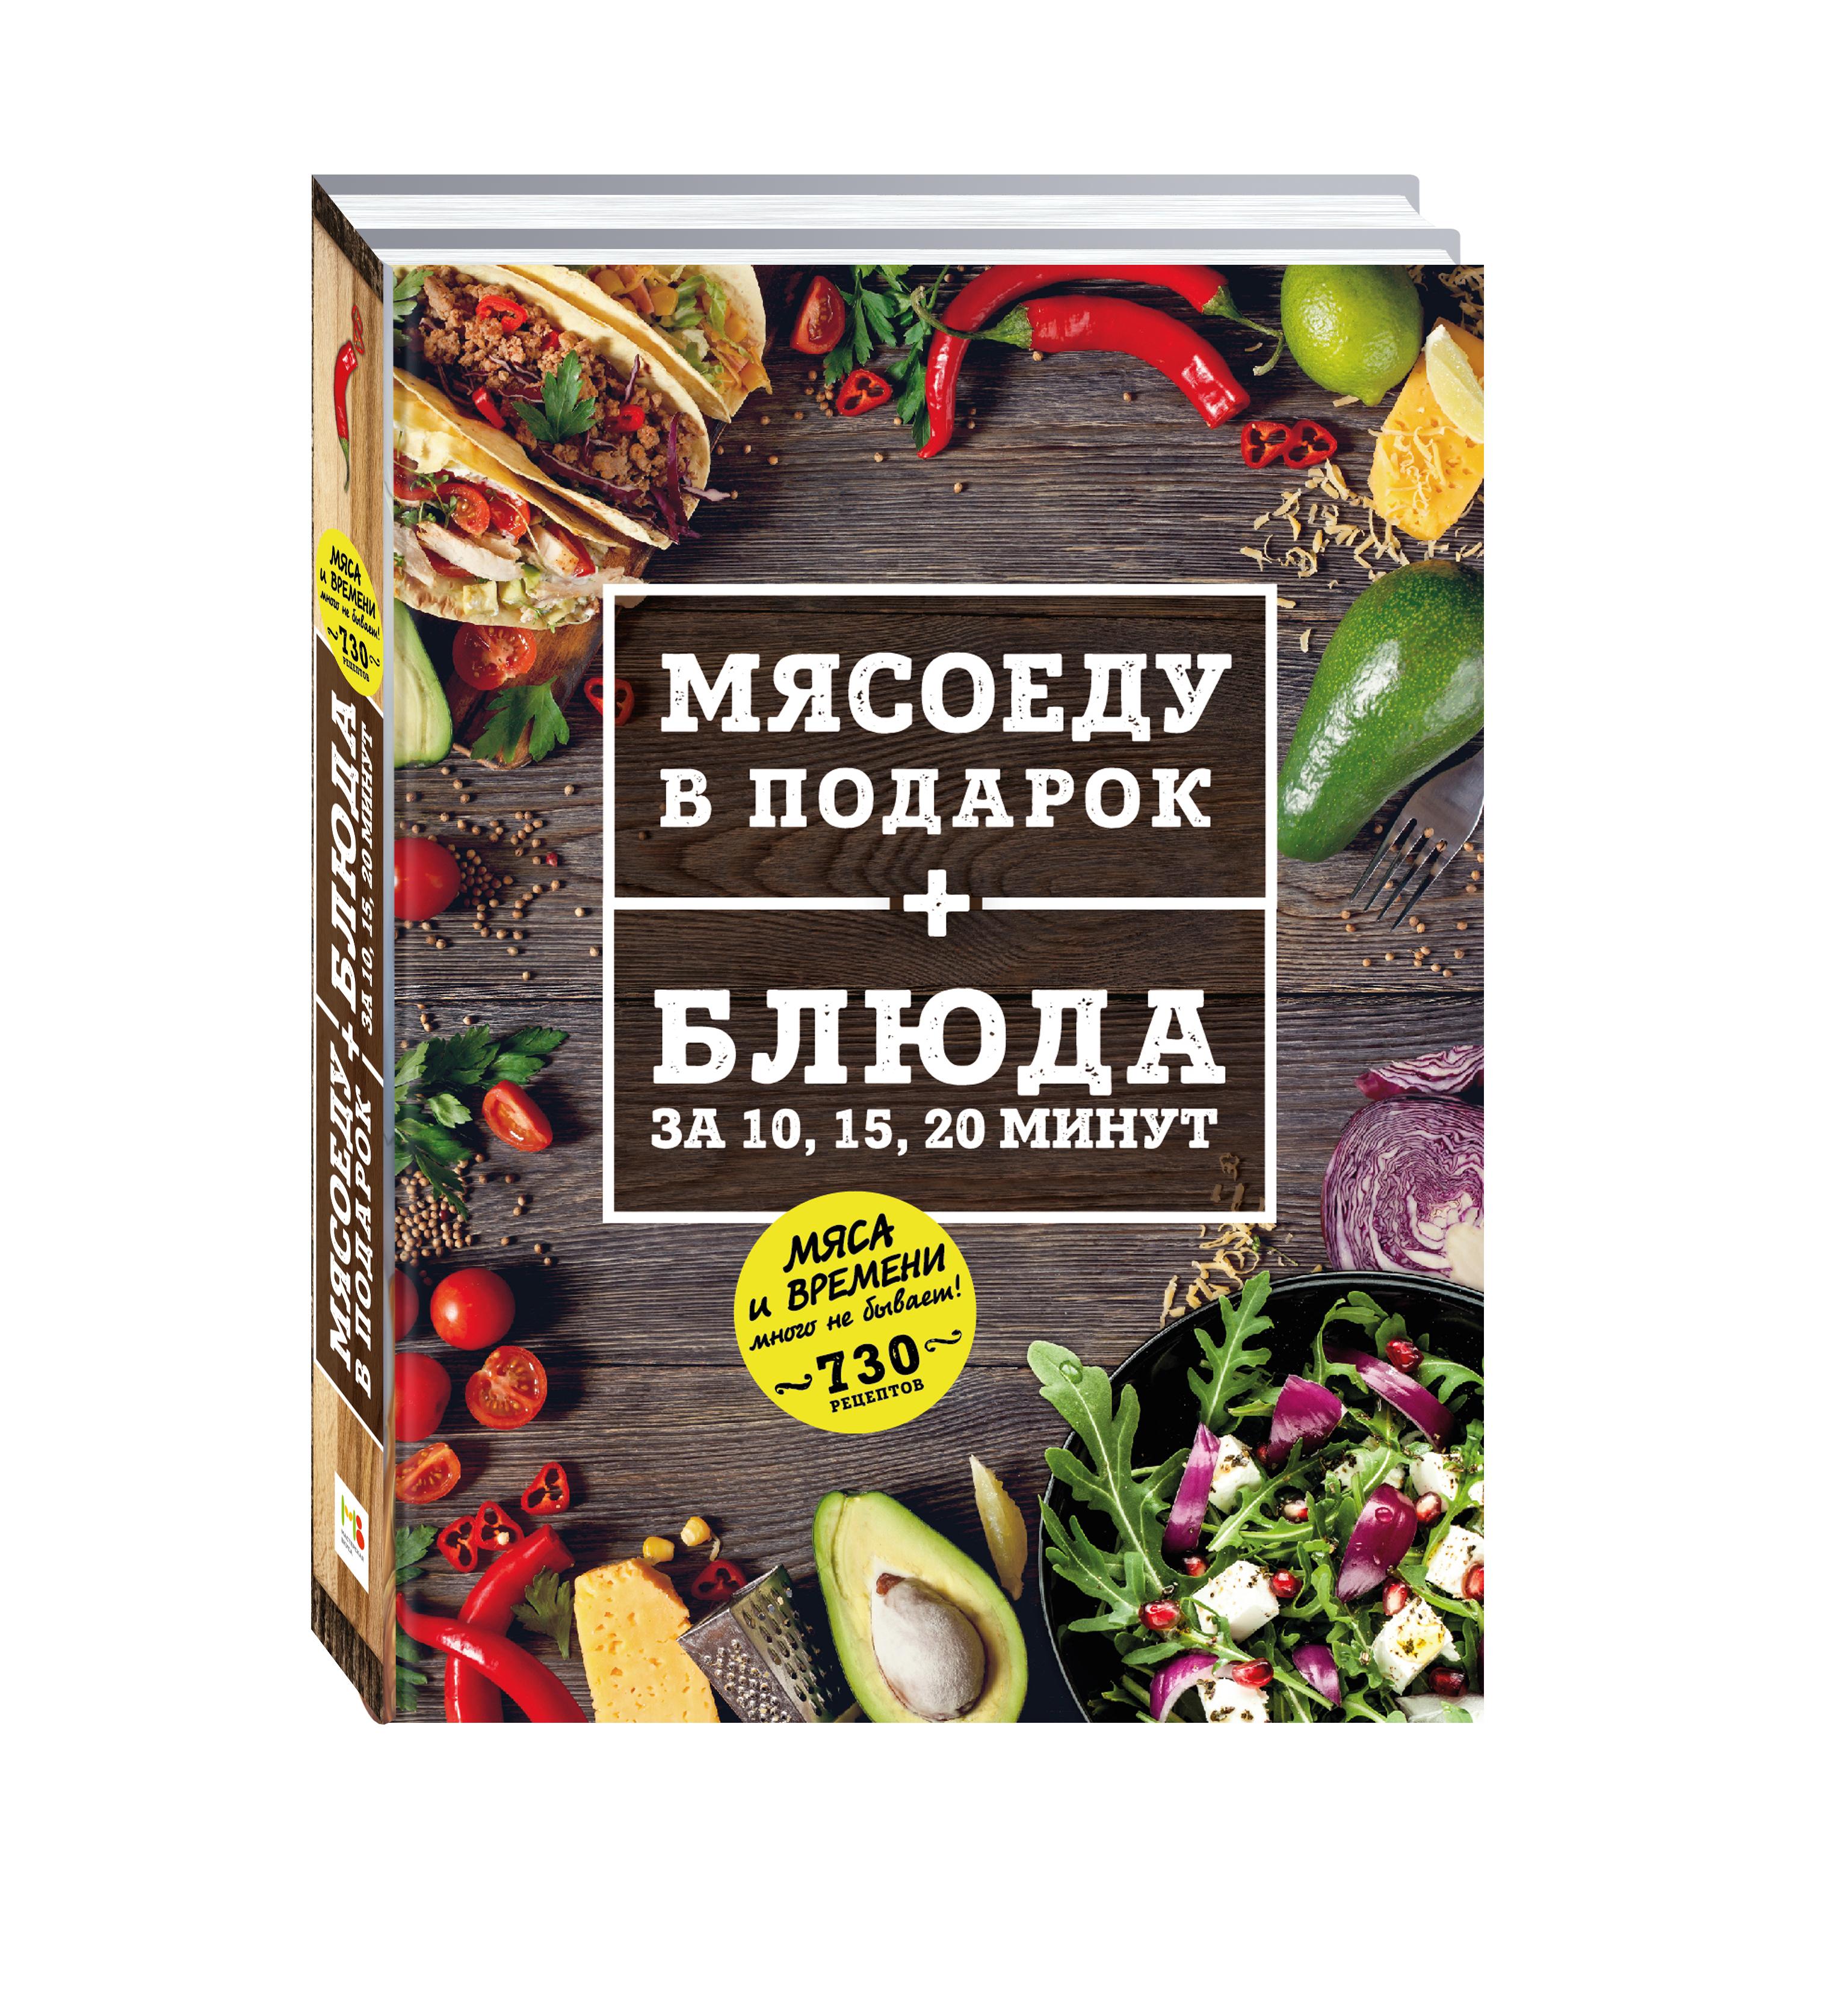 МЯСОЕДУ В ПОДАРОК + Блюда за 10, 15, 20 минут (комплект) 365 10 15 20